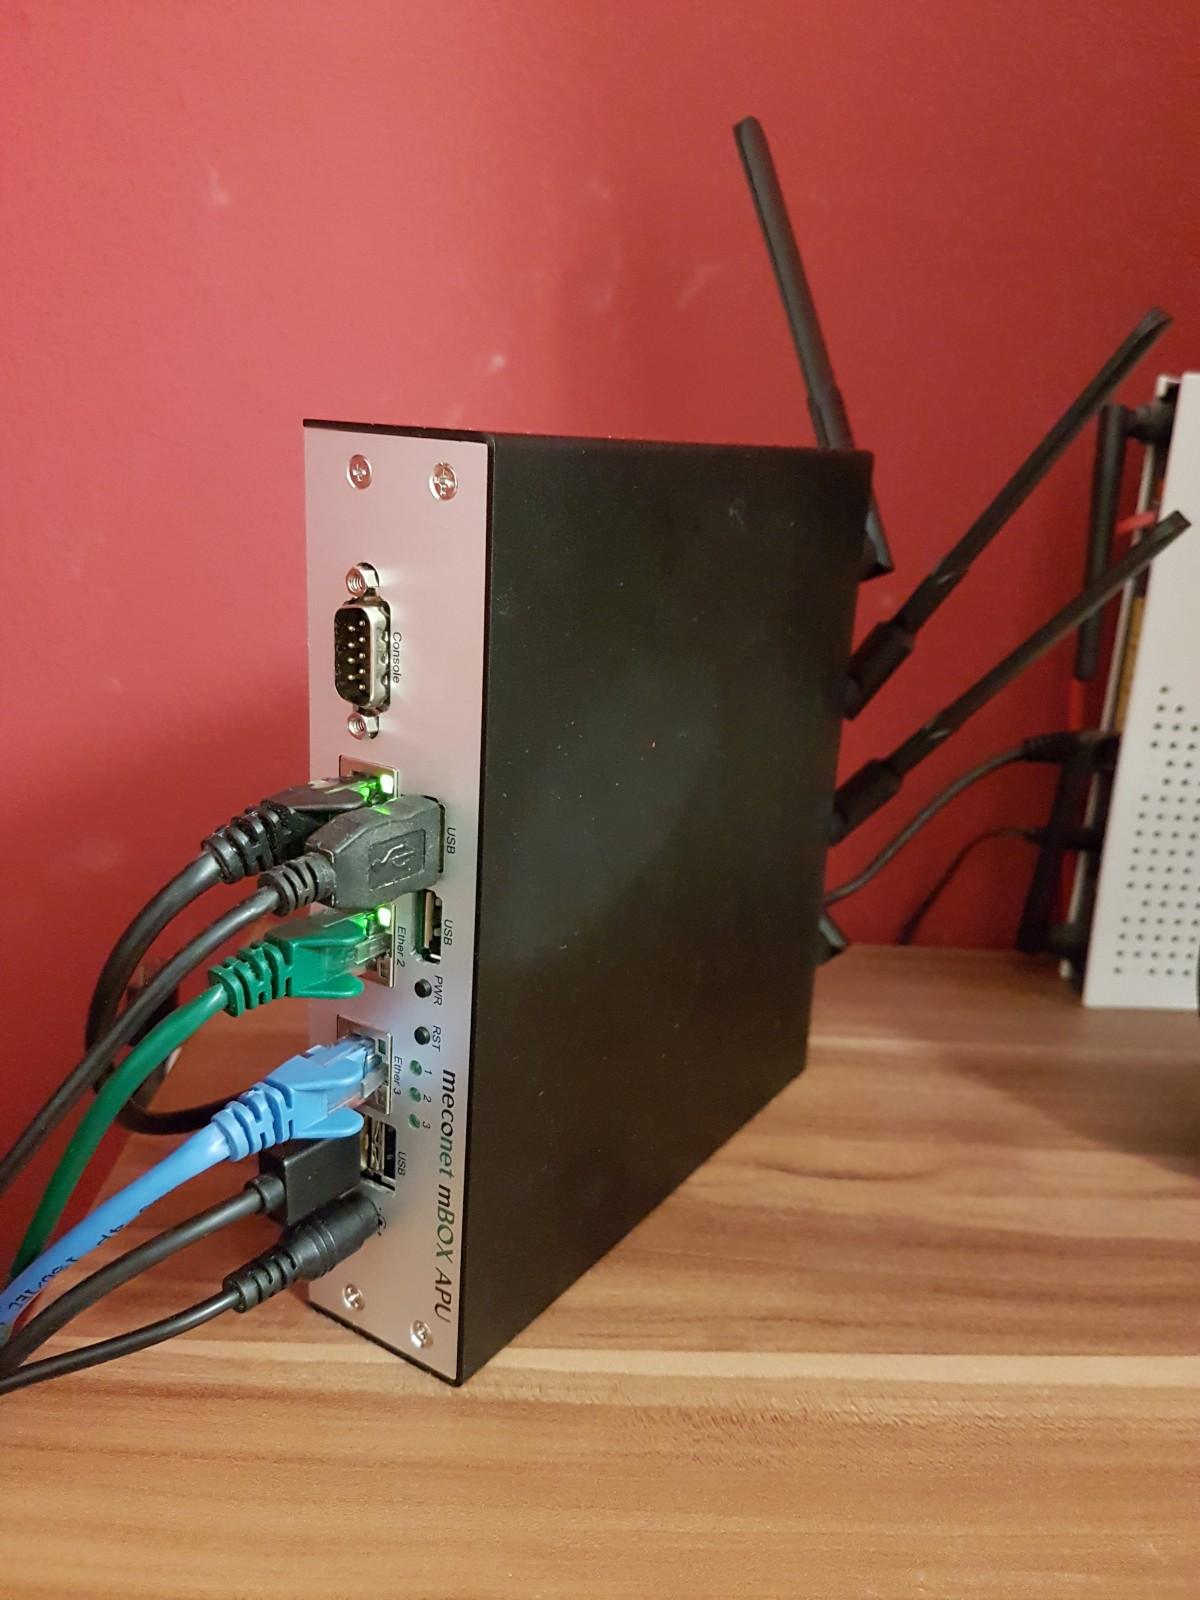 DIY CentOS 7 Router/NAS - brouken com